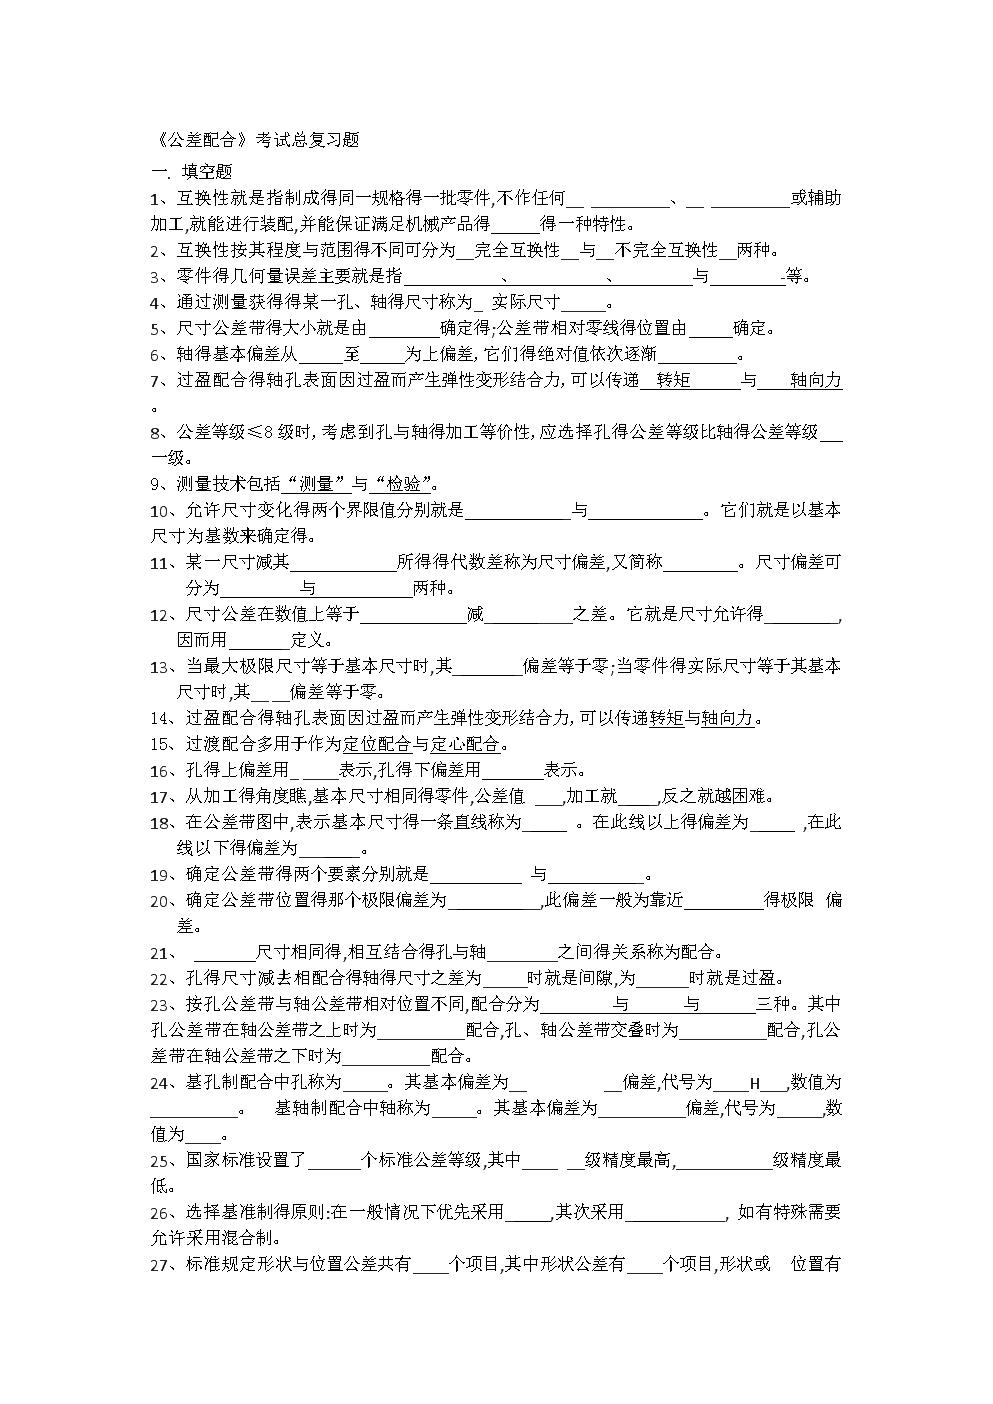 《公差配合》考试总复习题.doc